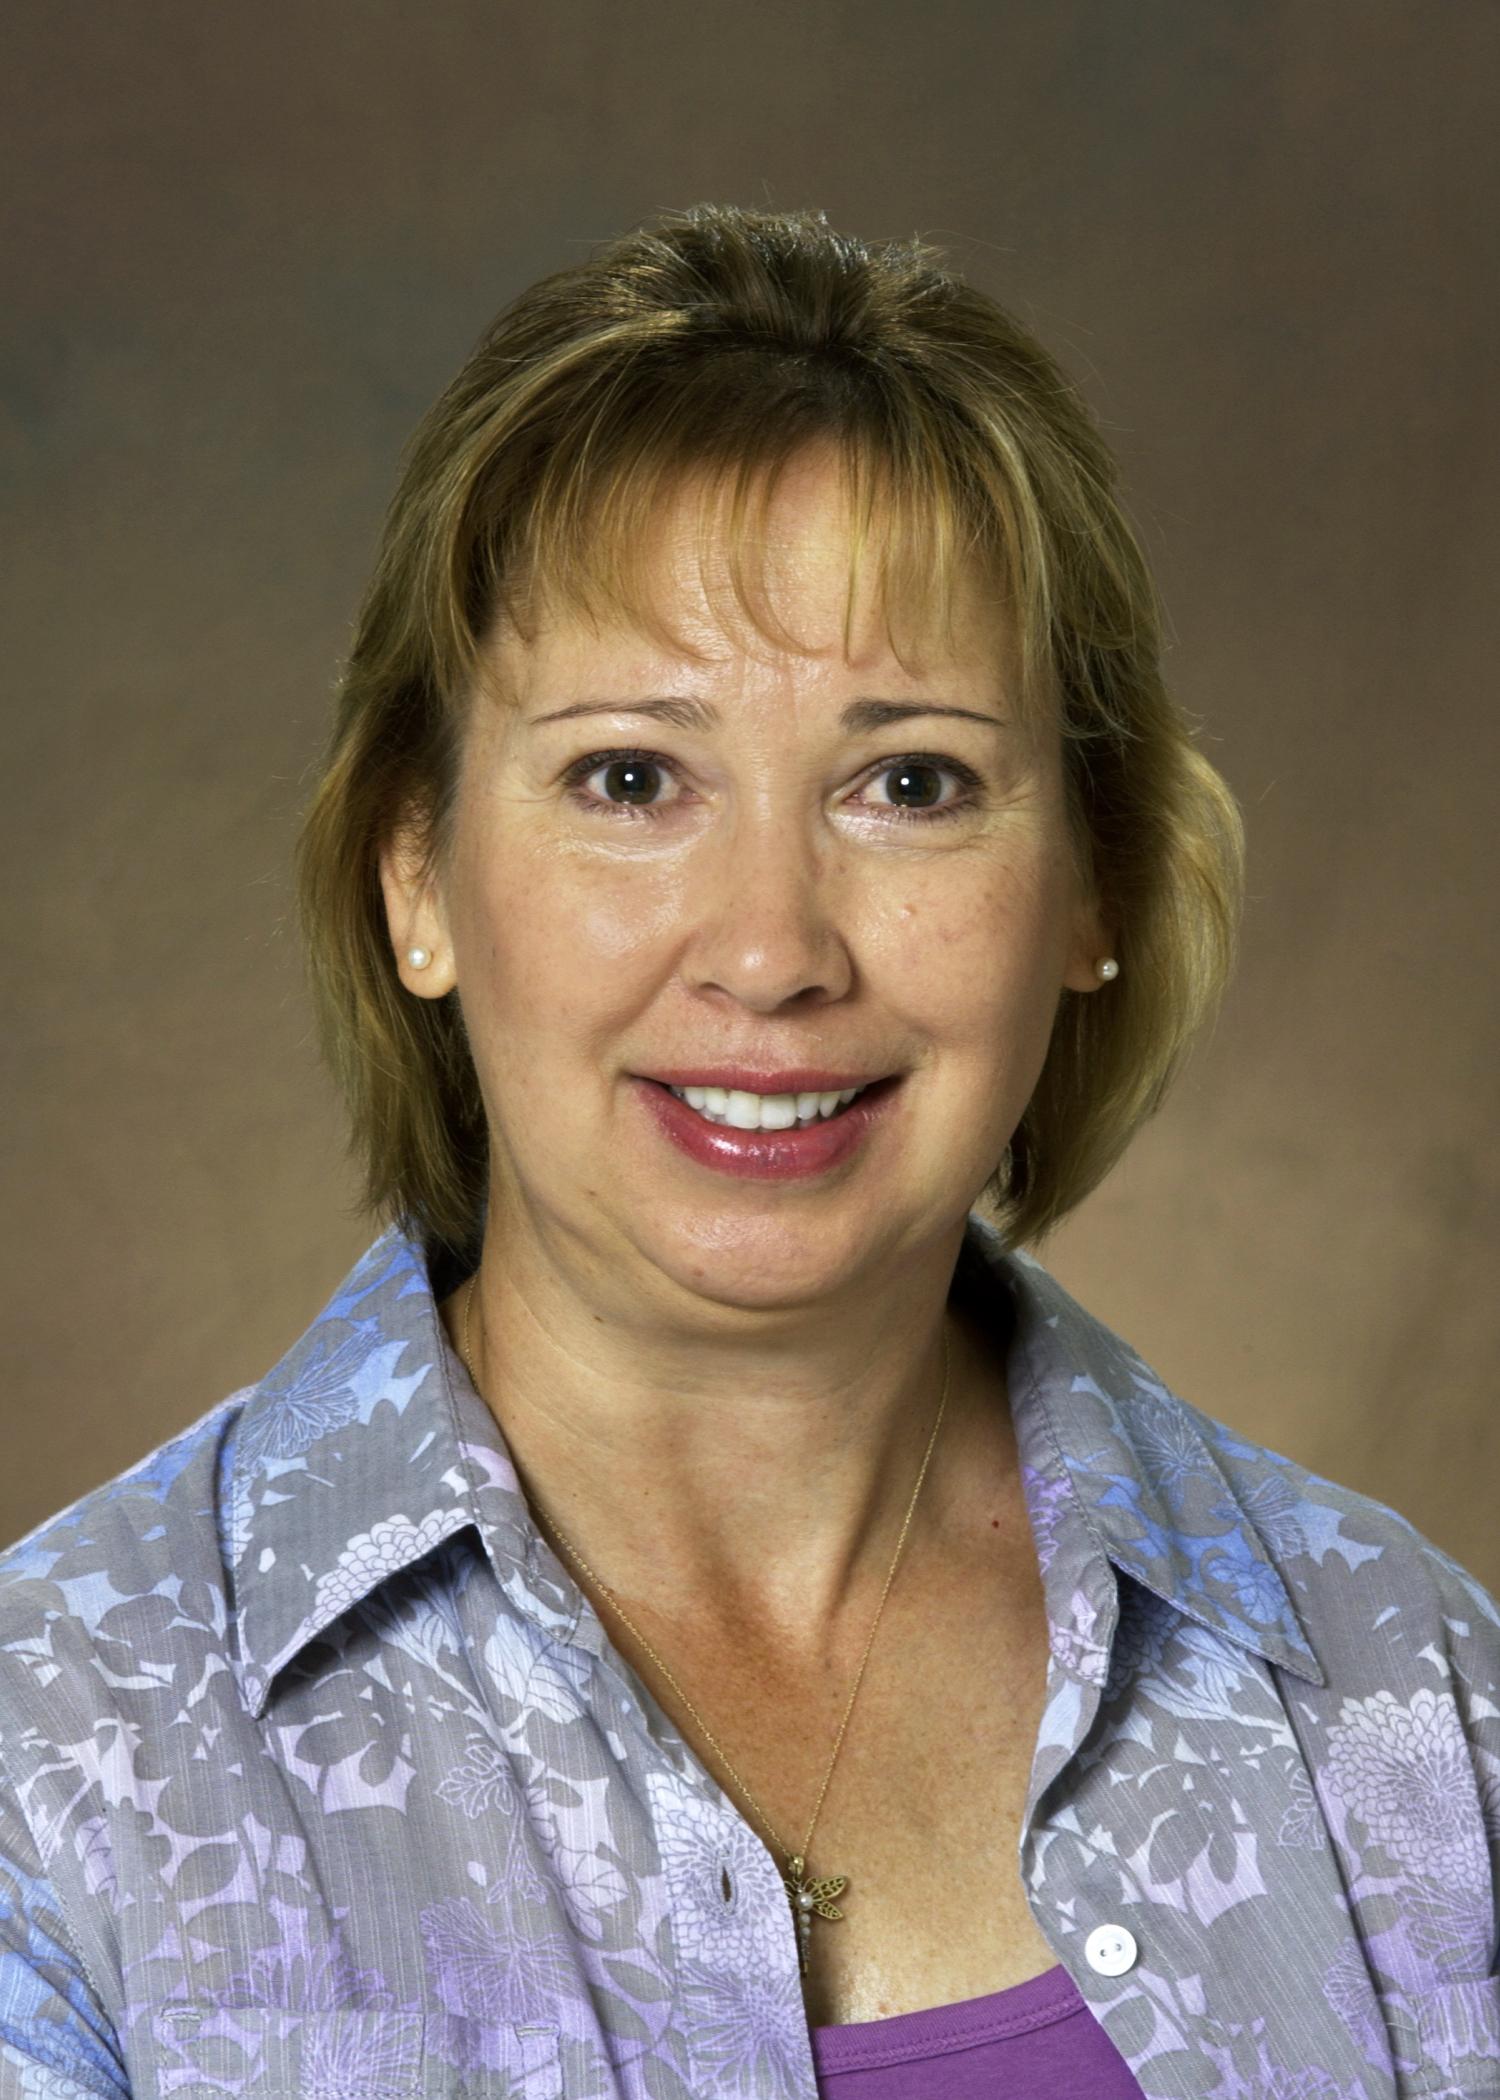 Janet Knodel